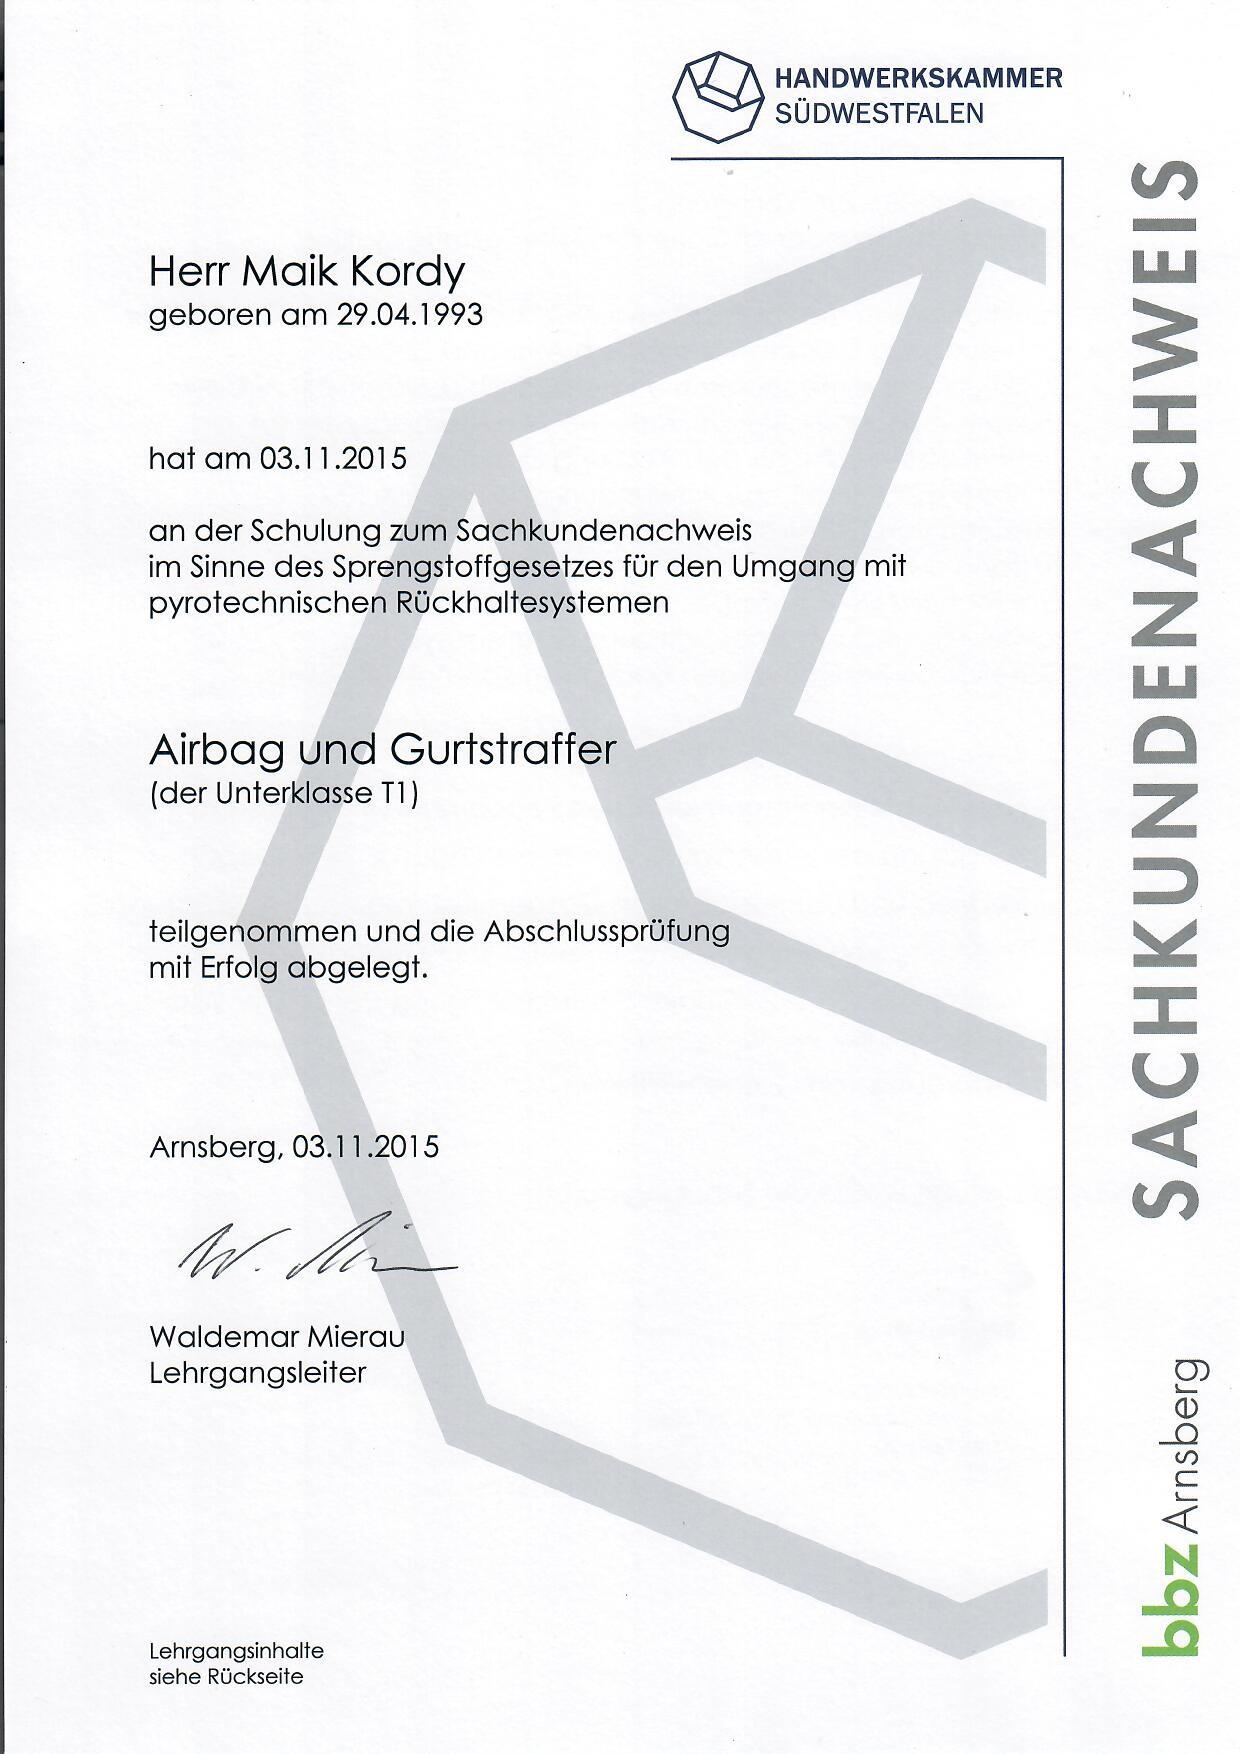 Zertifikate - Zertifikate